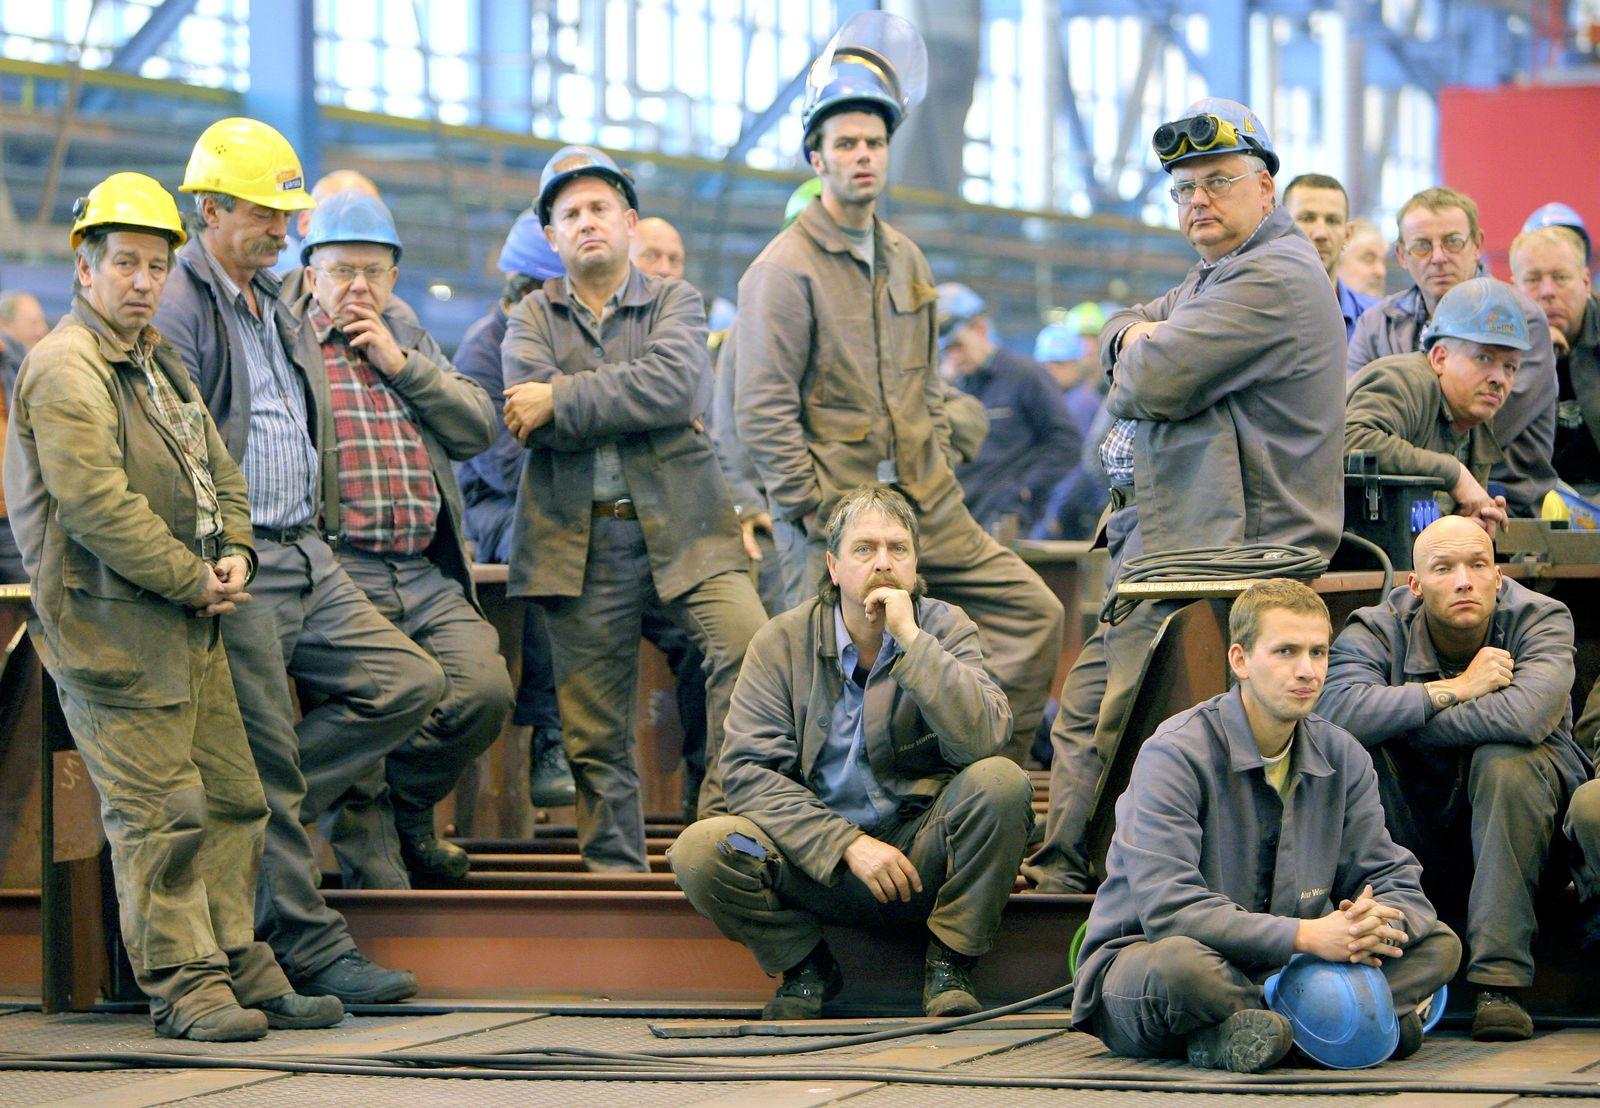 Werftarbeiter Aker-Werft